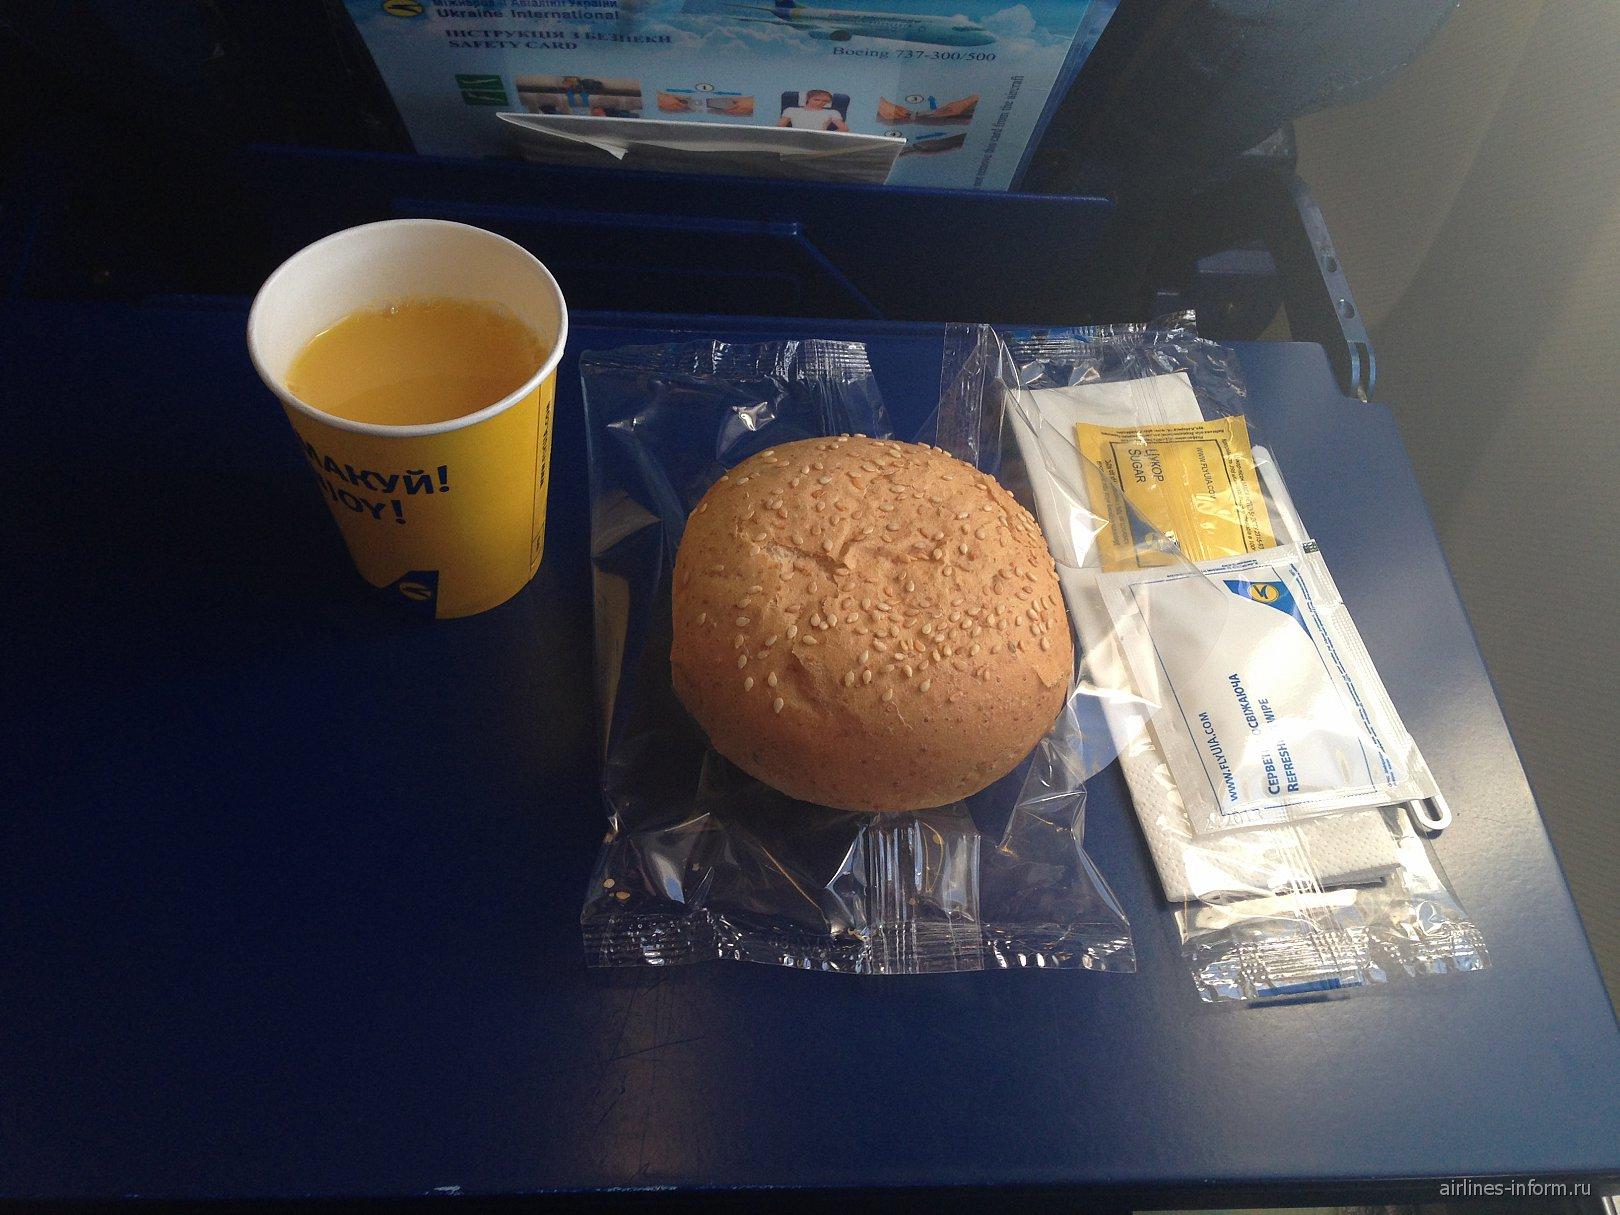 Питание на рейсе Киев-Москва Международных авиалиний Украины